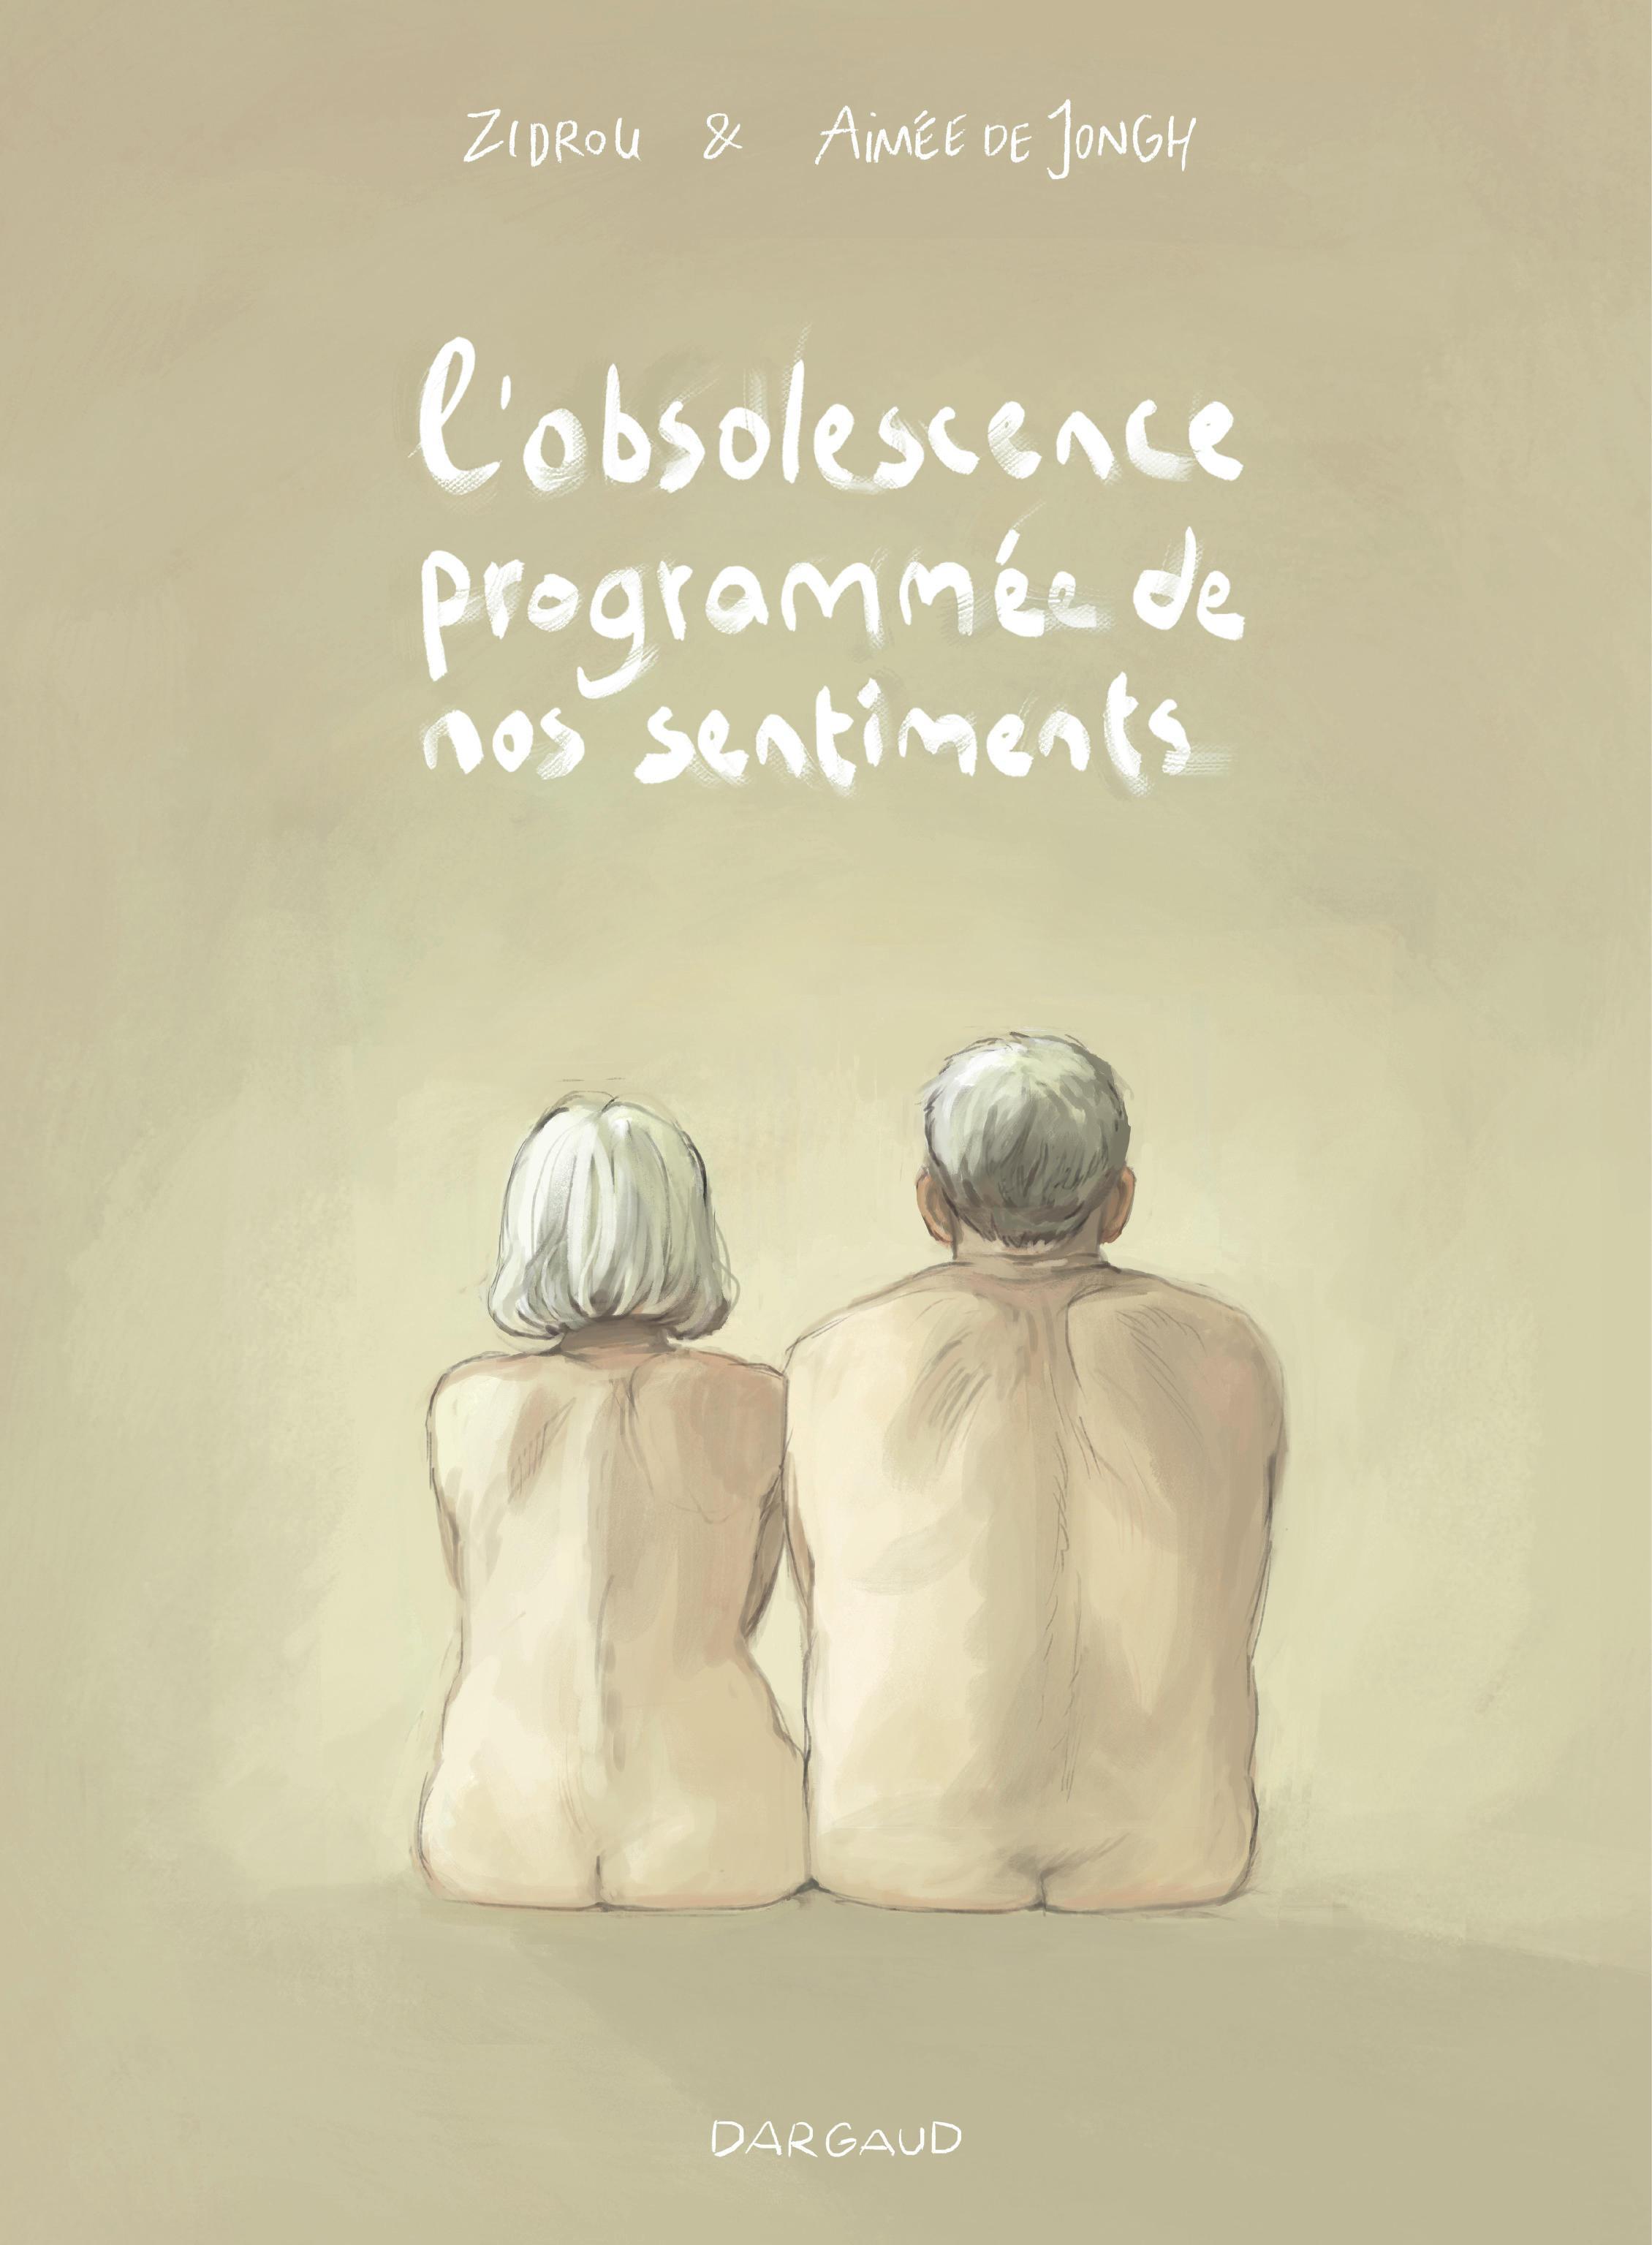 L'obsolescence programmée de nos sentiments / Zidrou et Aimée de Jongh